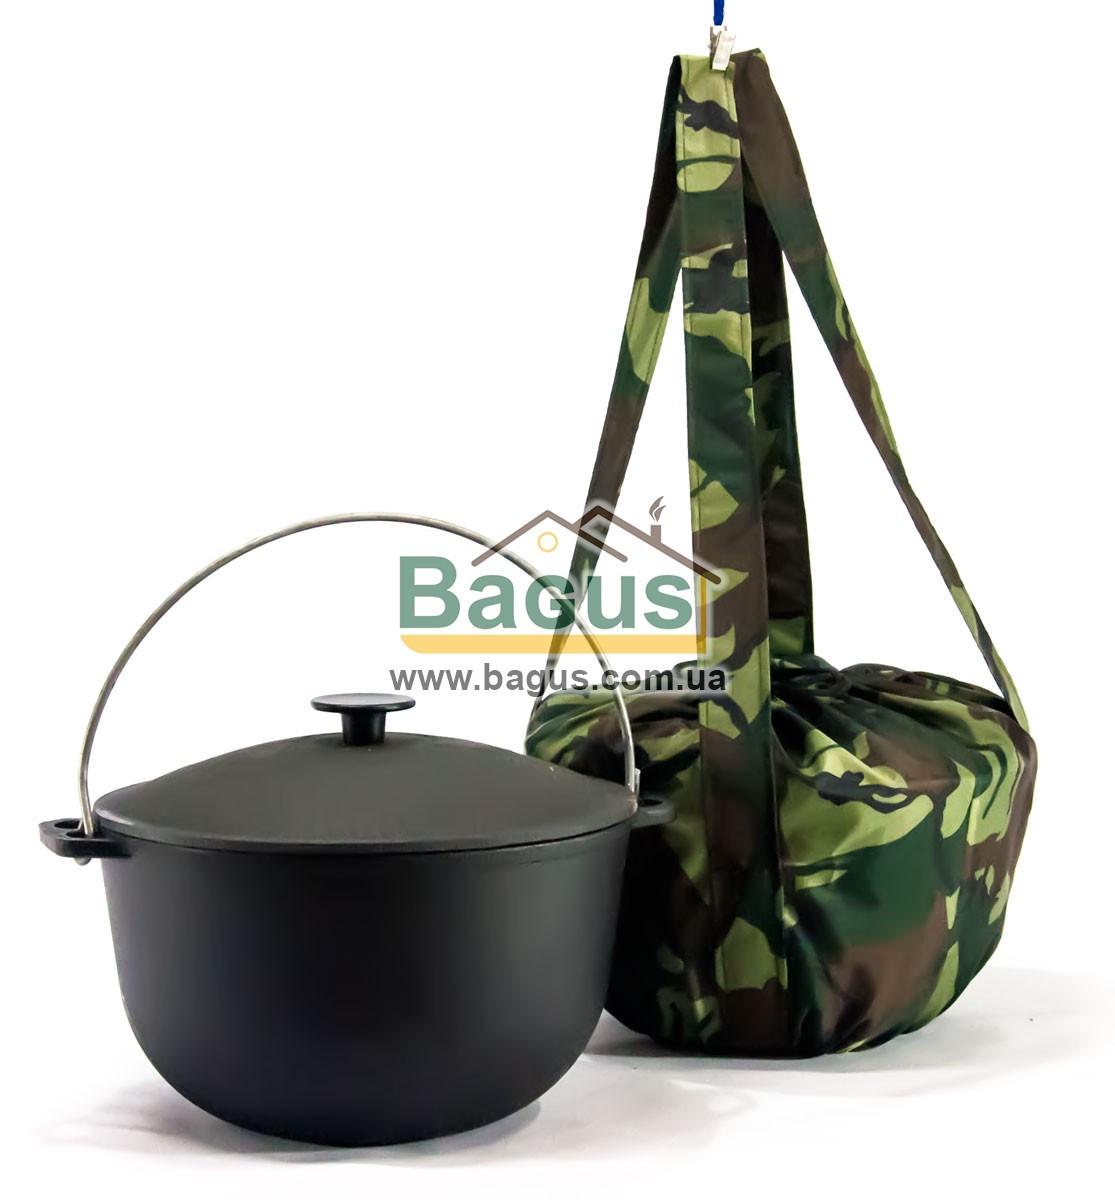 Казан чавунний туристичний 6л 26см з чавунною кришкою, дужкою і чохлом, посуд чавунна Біол (0706ЧК-1)